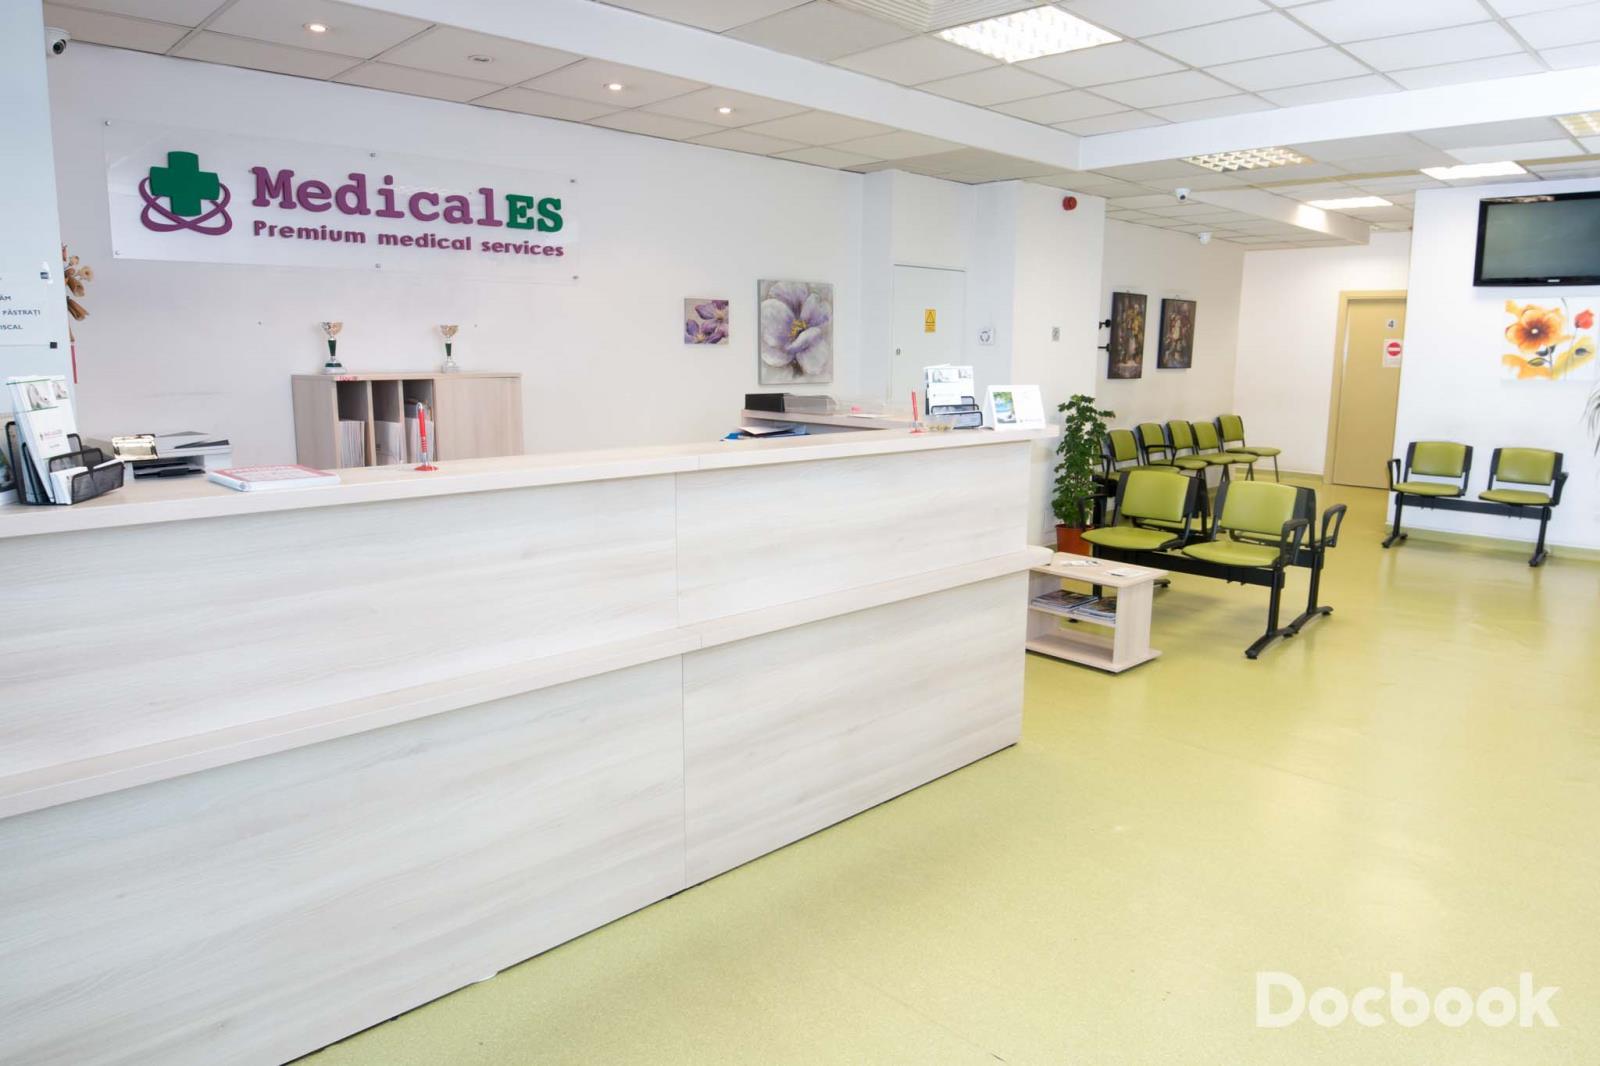 Despre Clinica Medicales